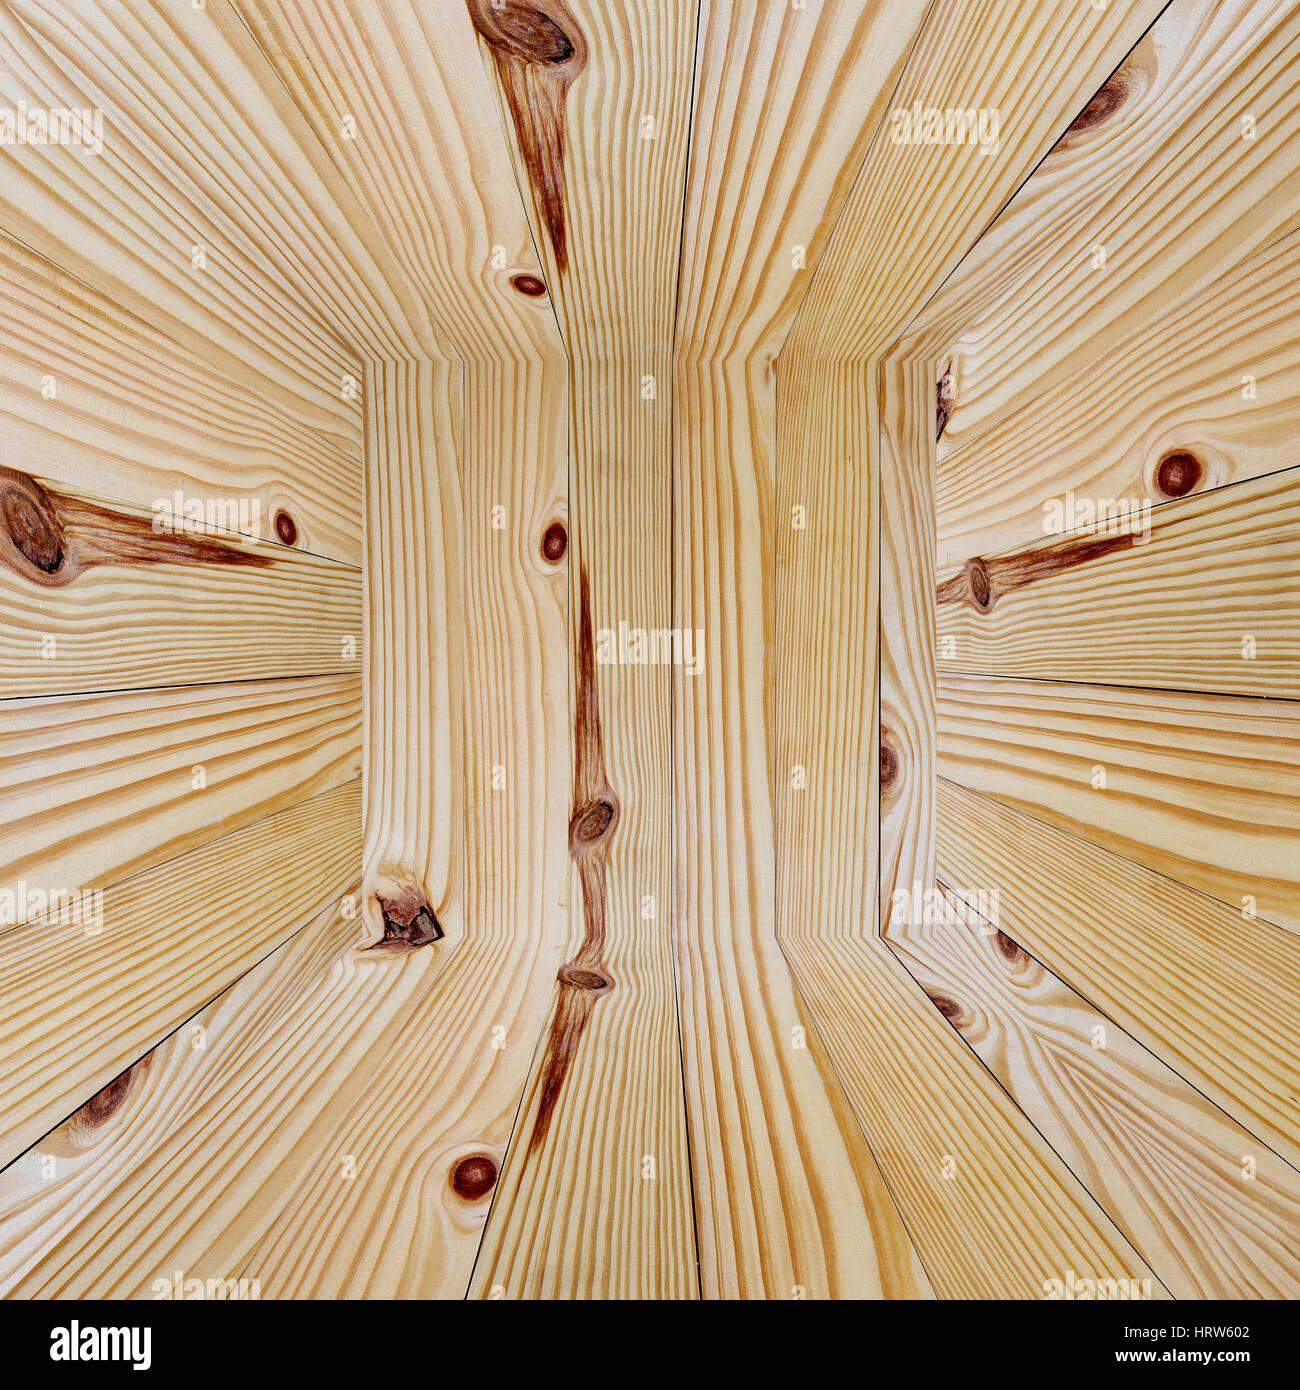 Aus Holz Textur - eignet sich für Anzeige oder montage Stockbild